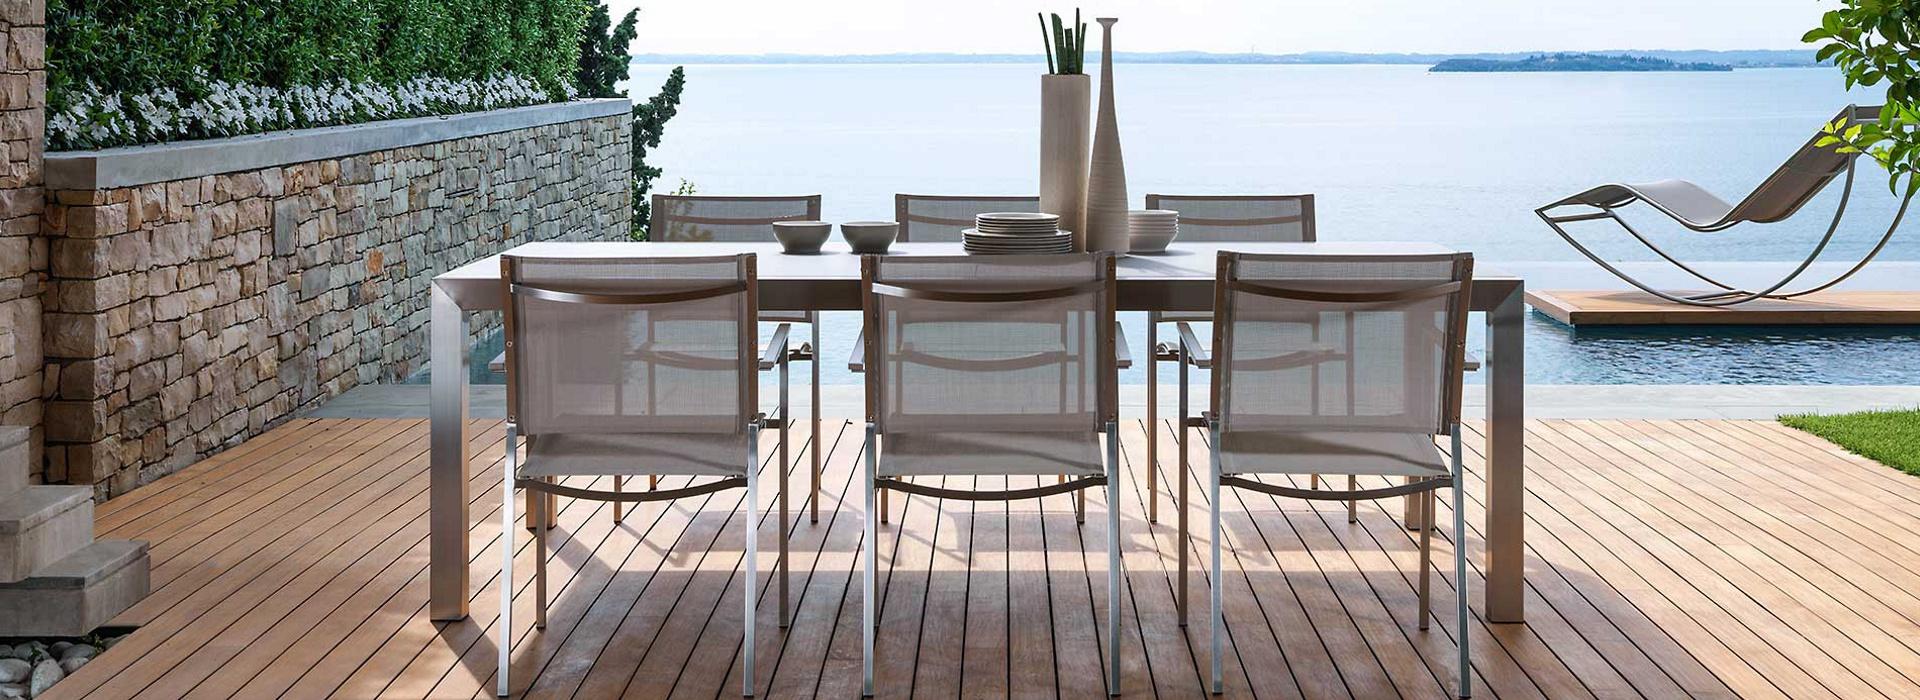 Vivereverde arredi per esterni 3d arredo giardino for Occasioni mobili da giardino